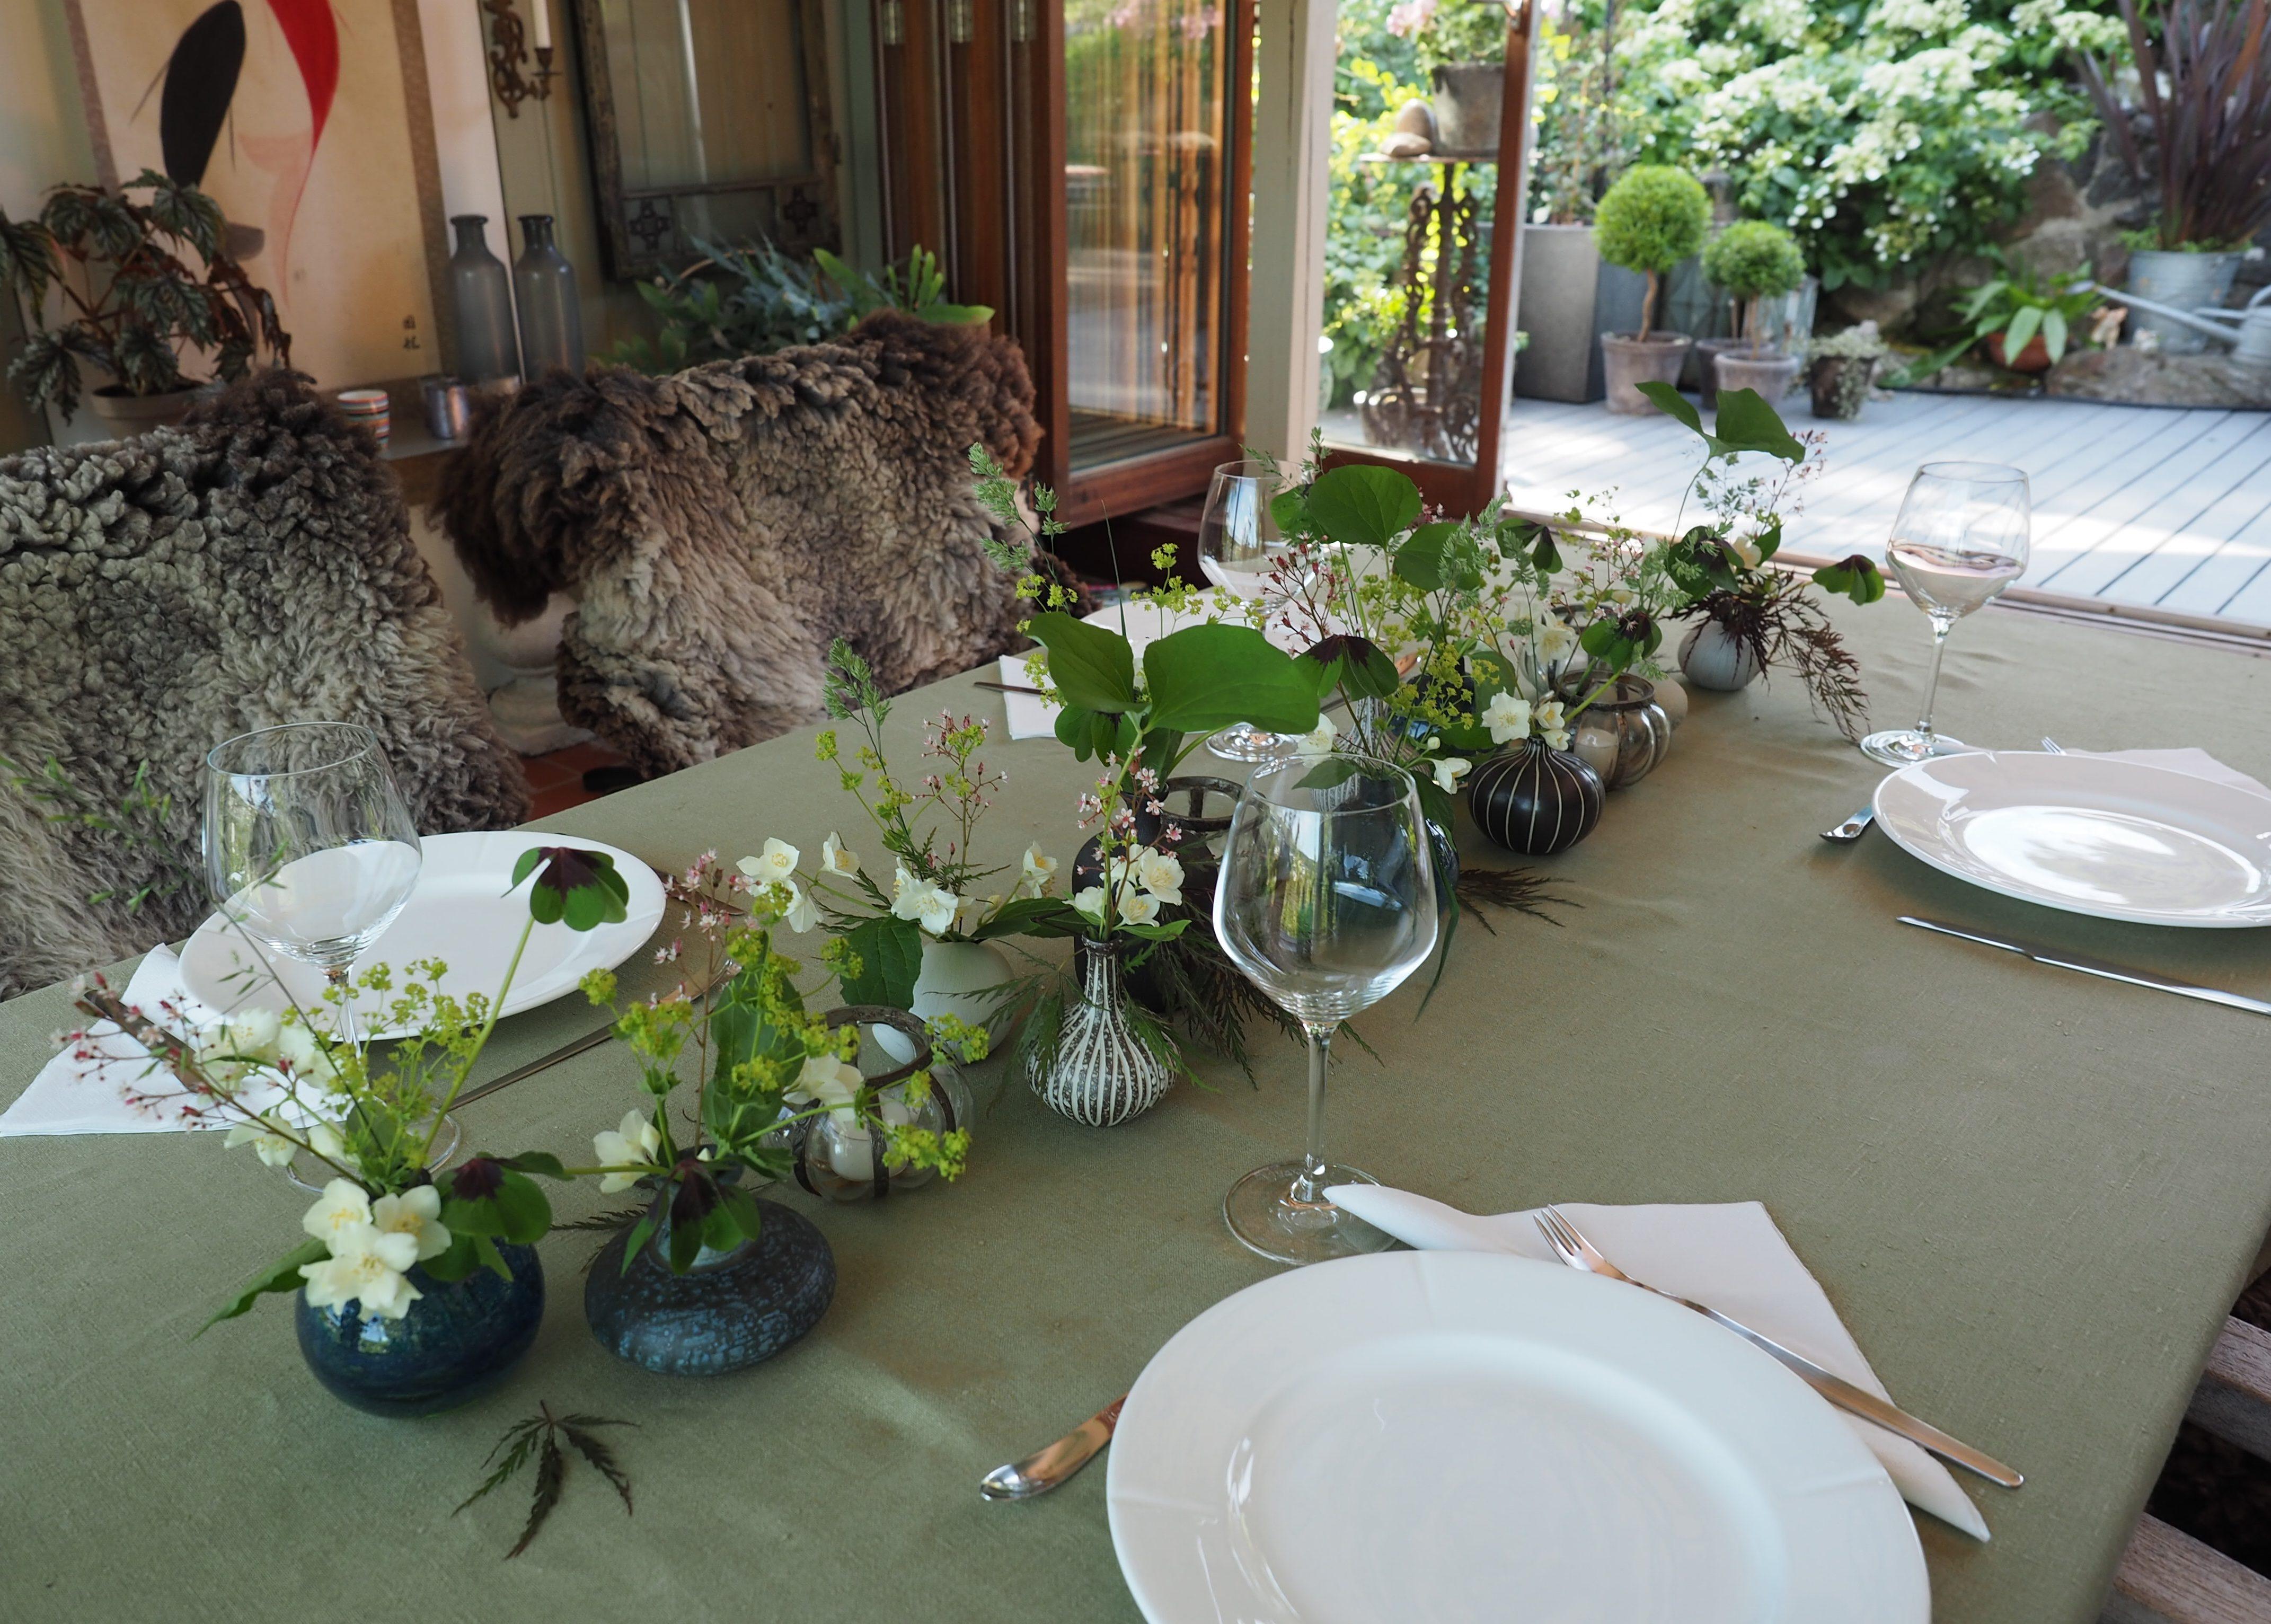 En sommerlig og enkel bordpynt til gjestene kommer.